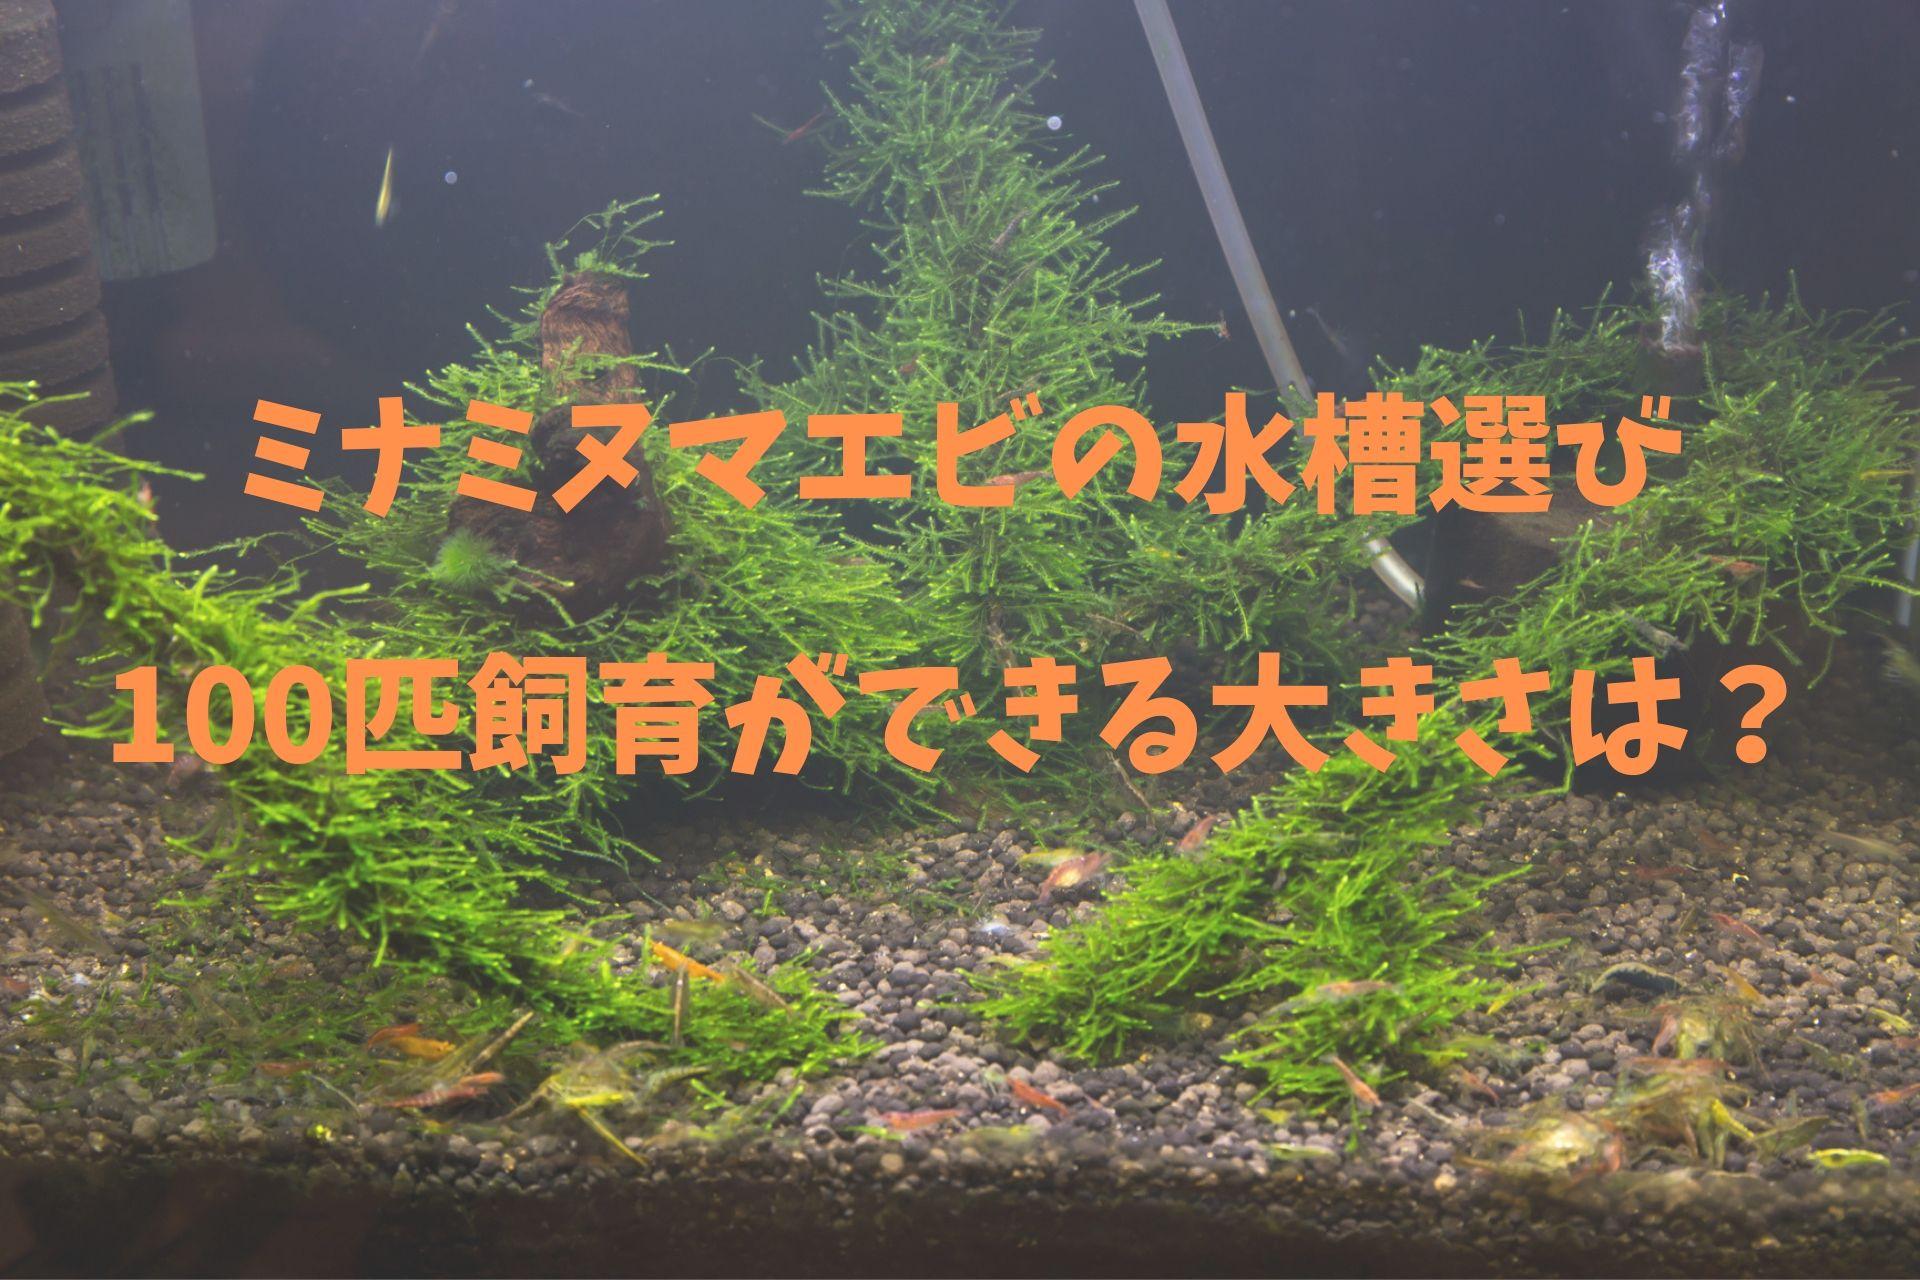 ミナミヌマエビの水槽選び100匹飼育ができる大きさは?